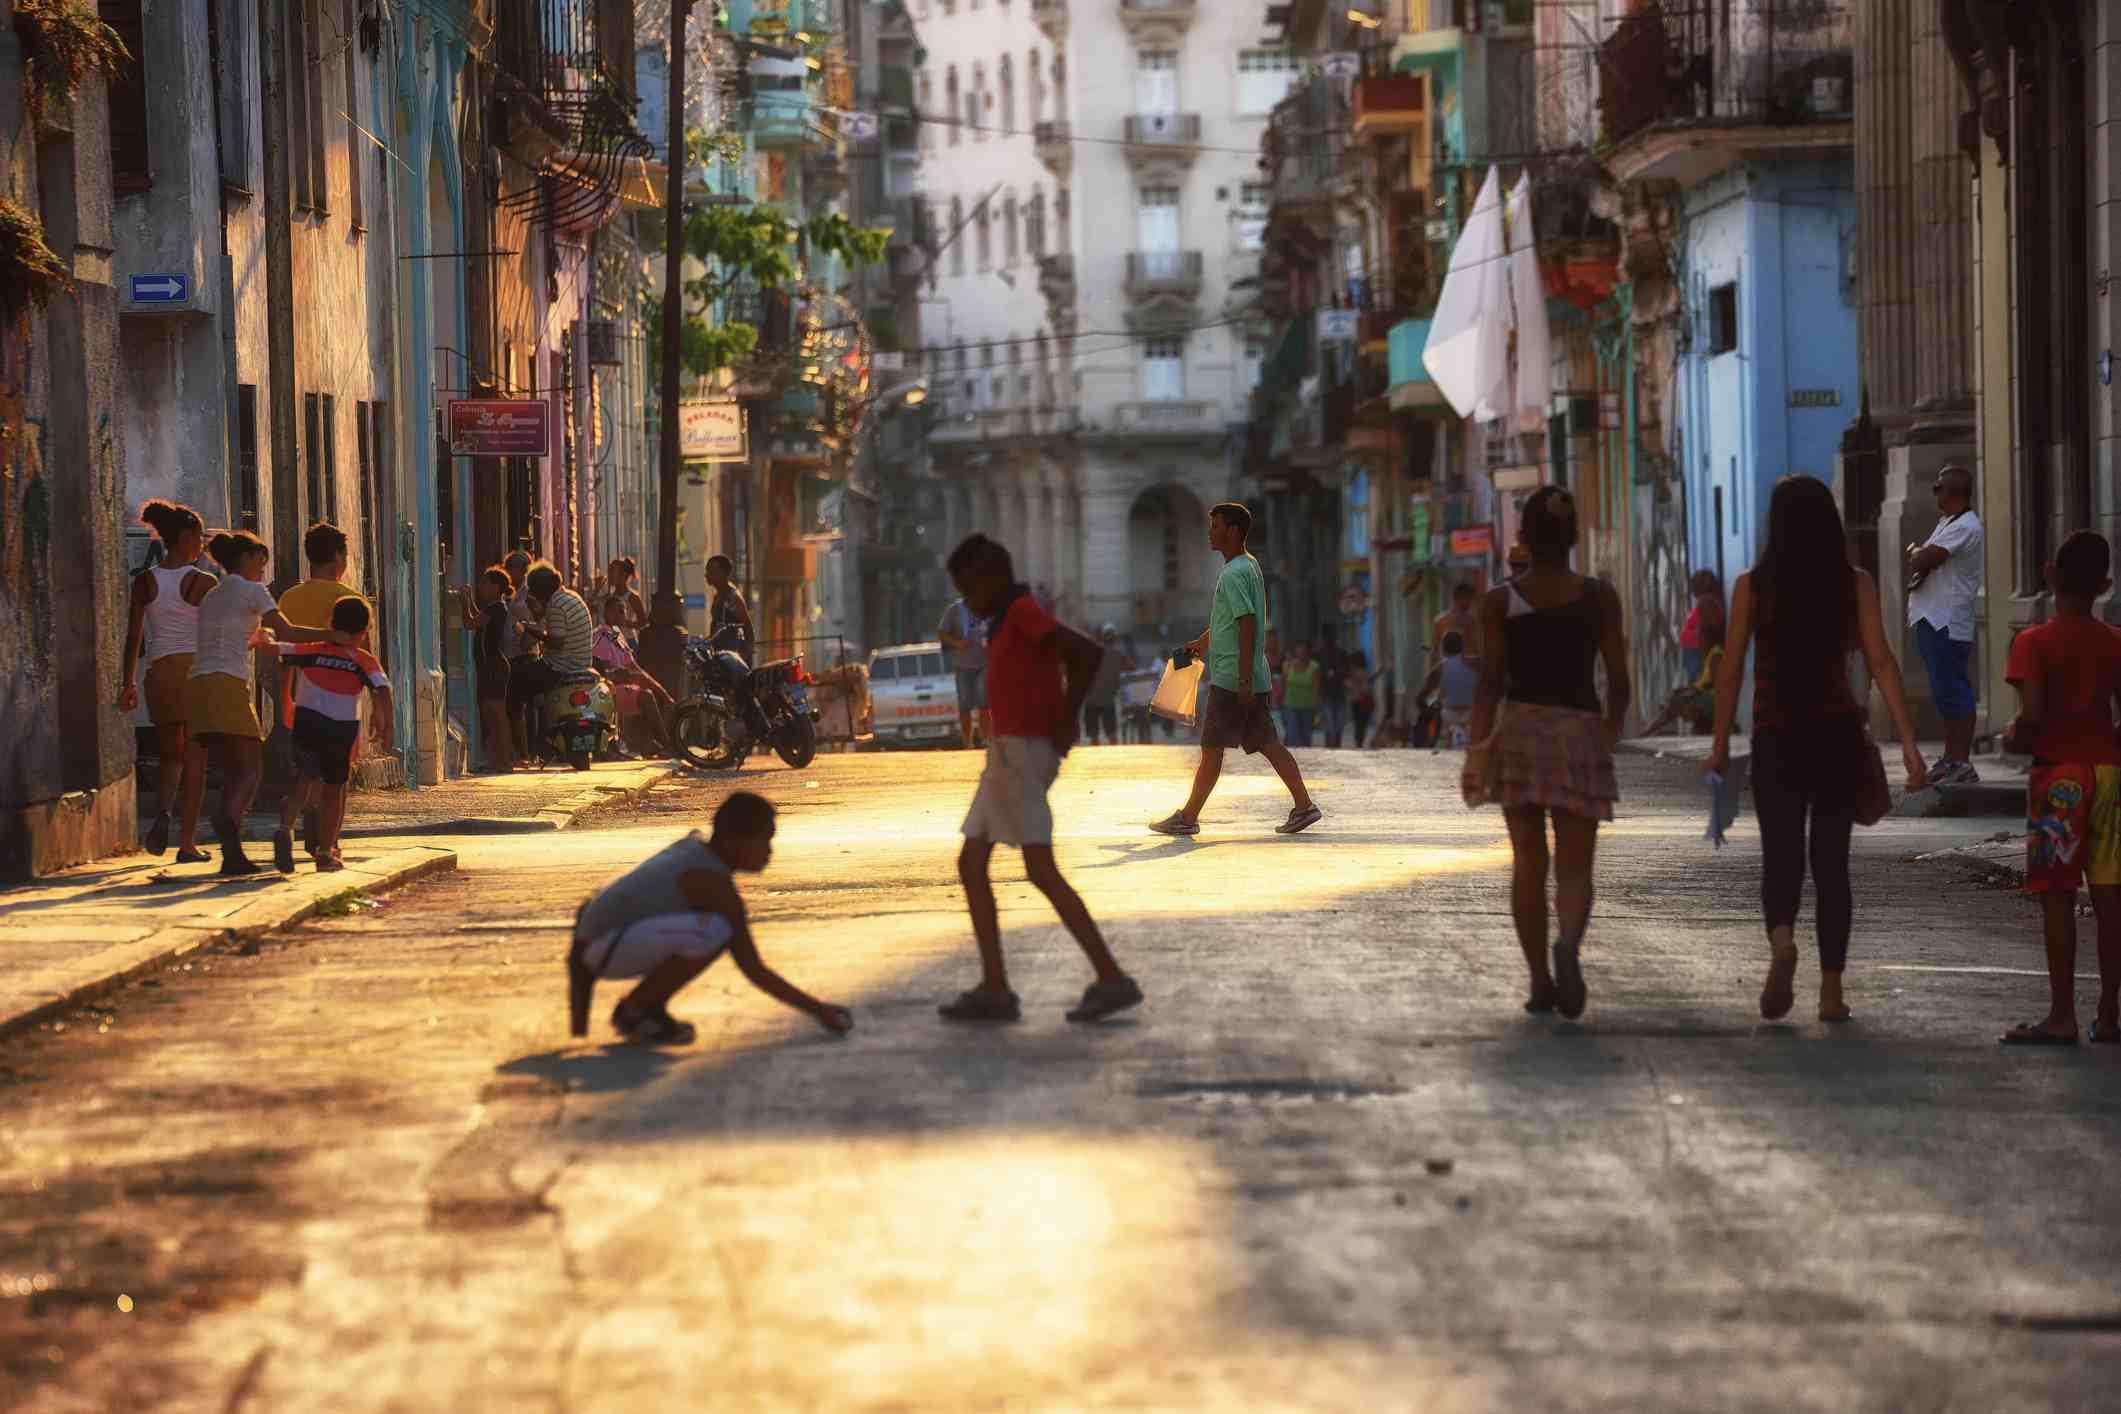 Kids playing in Centro Havana neighbour in Havana, Cuba